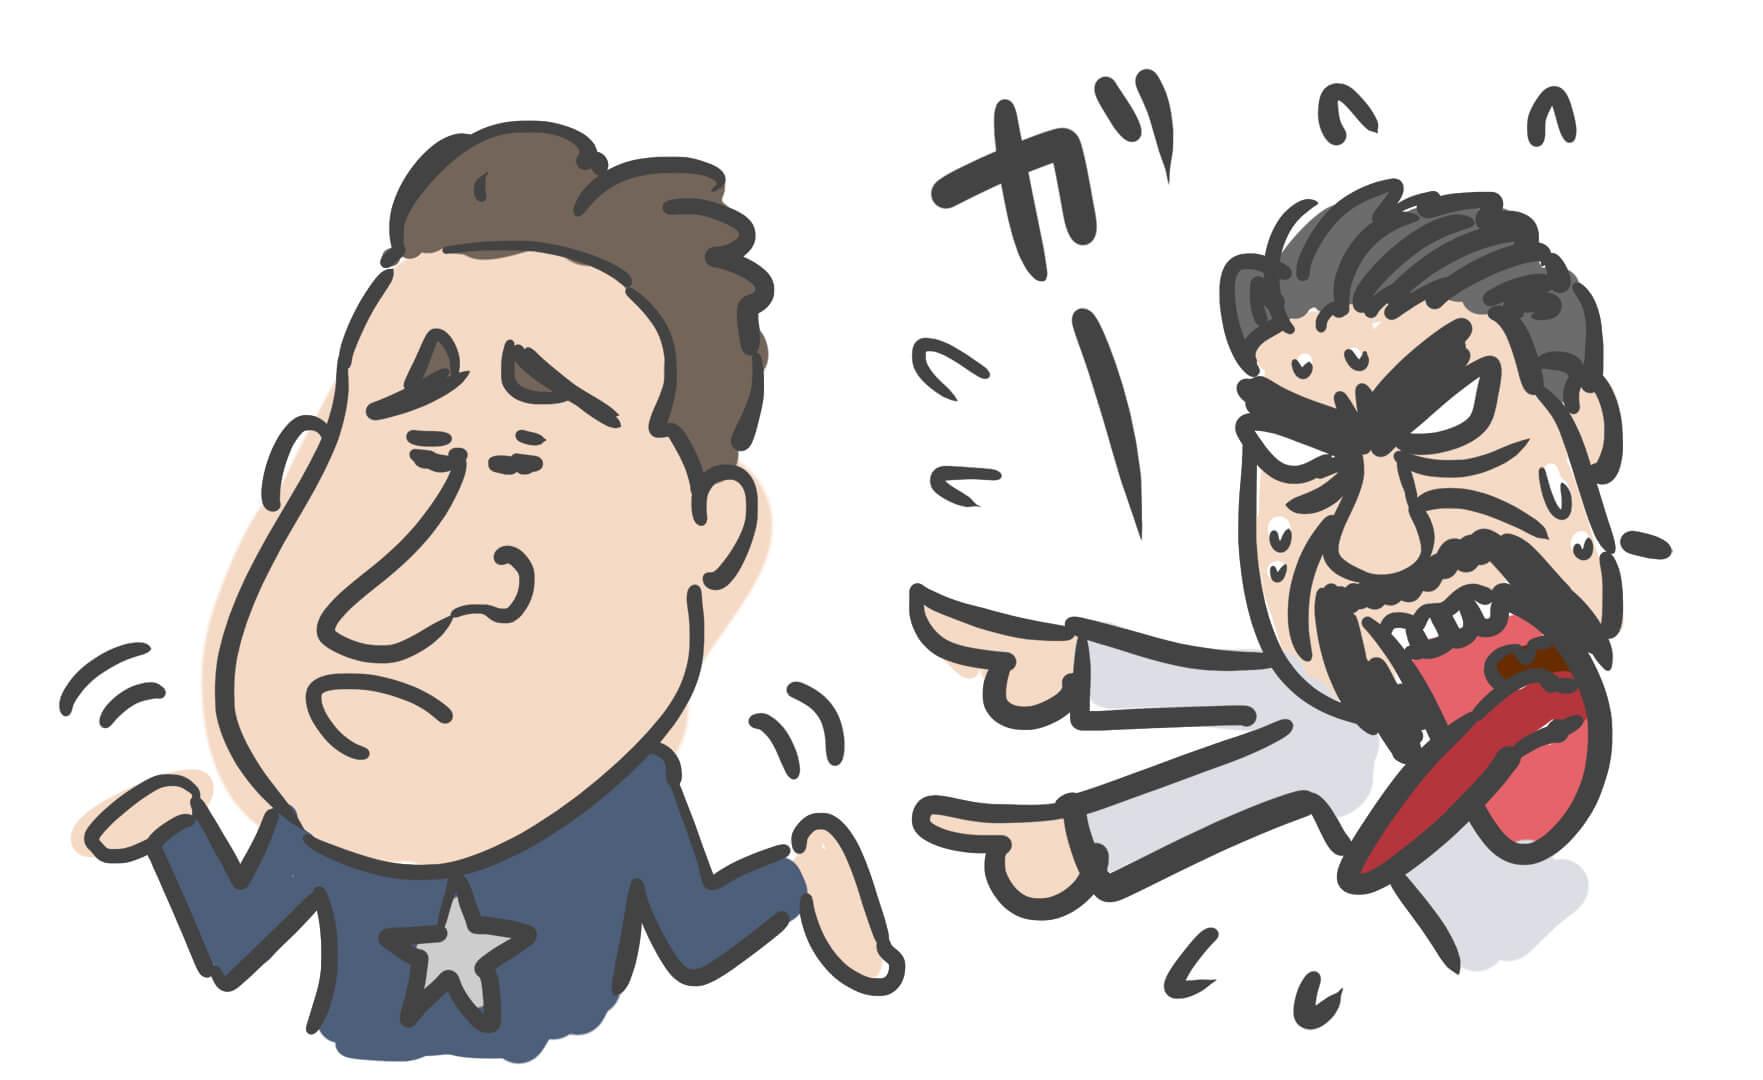 スティーブとトニーのいざこざイラスト